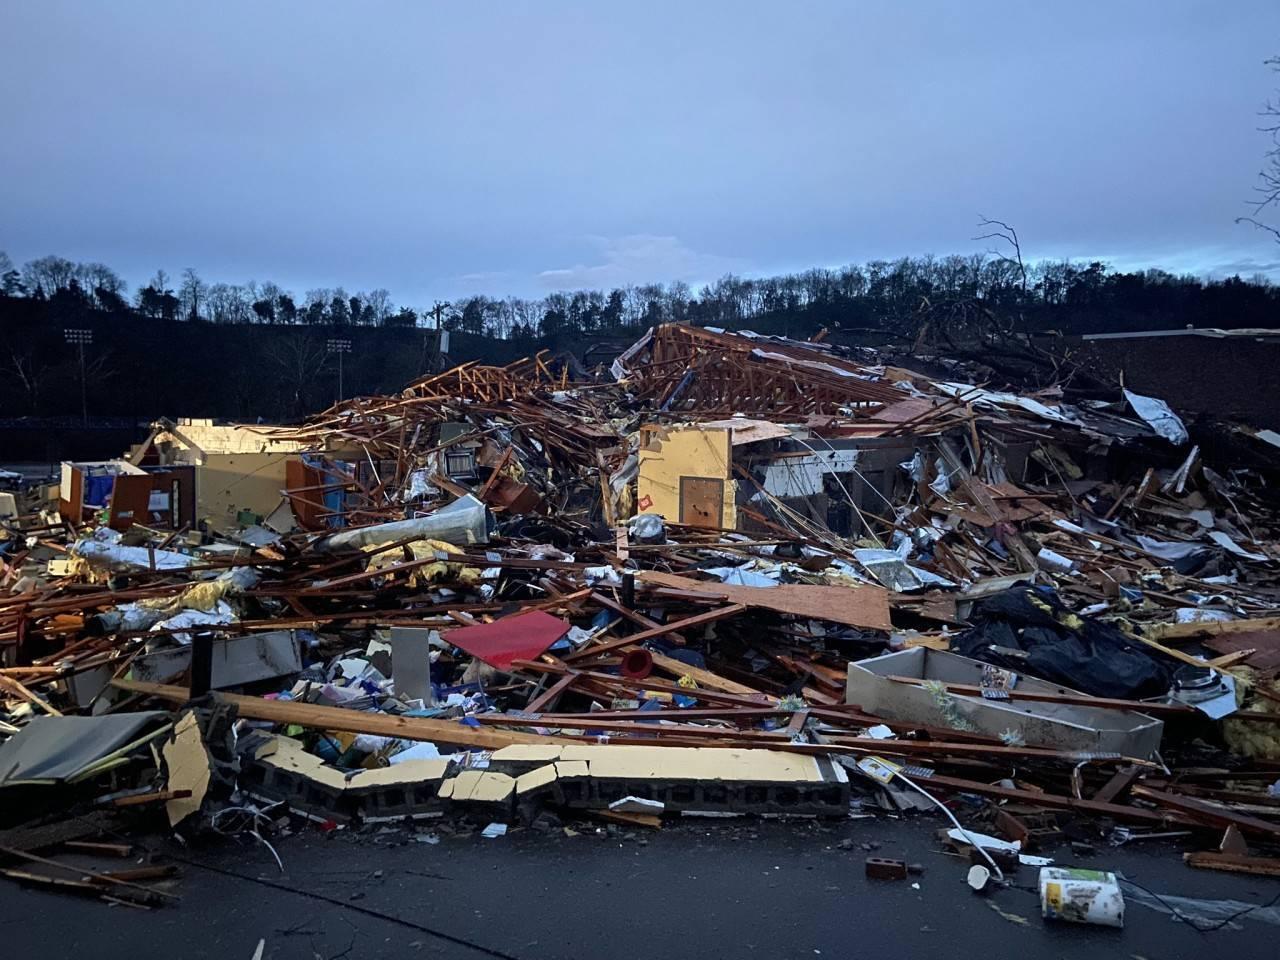 effetti-distruttivi-a-nashville-per-il-tornado-fonte-immagine-newschannel5-3bmeteo-101474